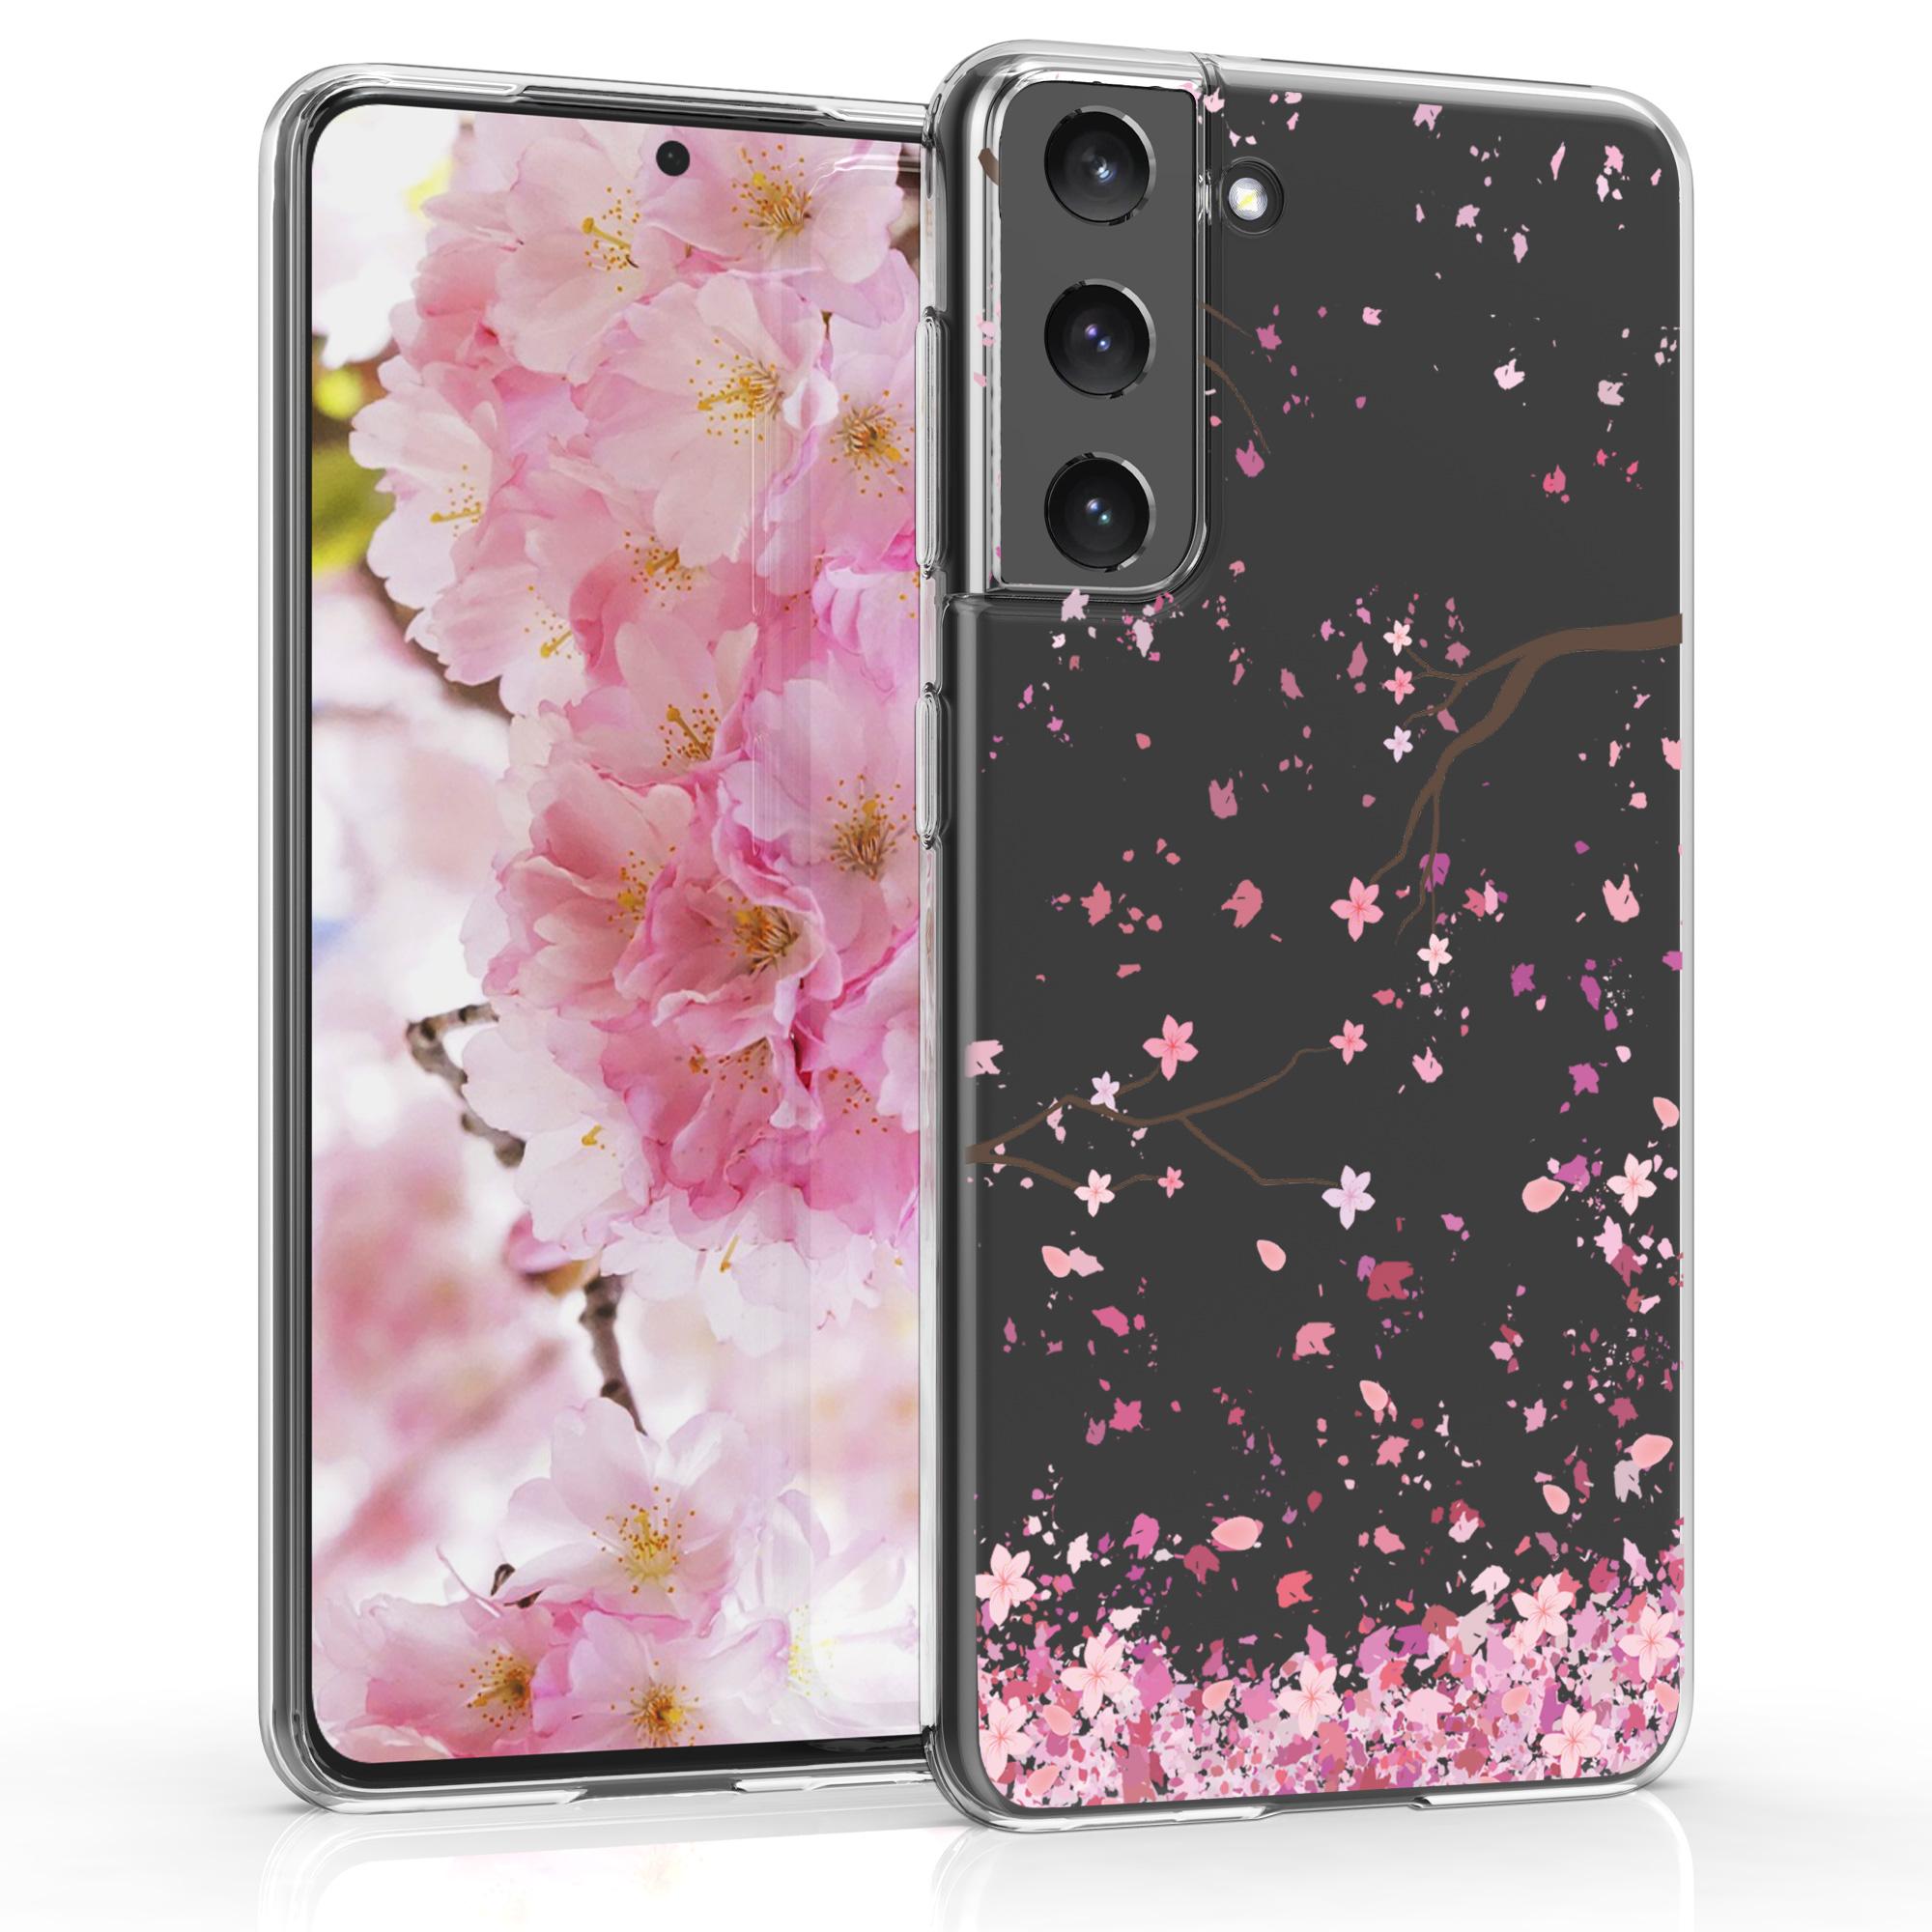 Kvalitní silikonové TPU pouzdro pro Samsung S21 - Cherry Blossoms růžové / tmavě hnědá / transparentní